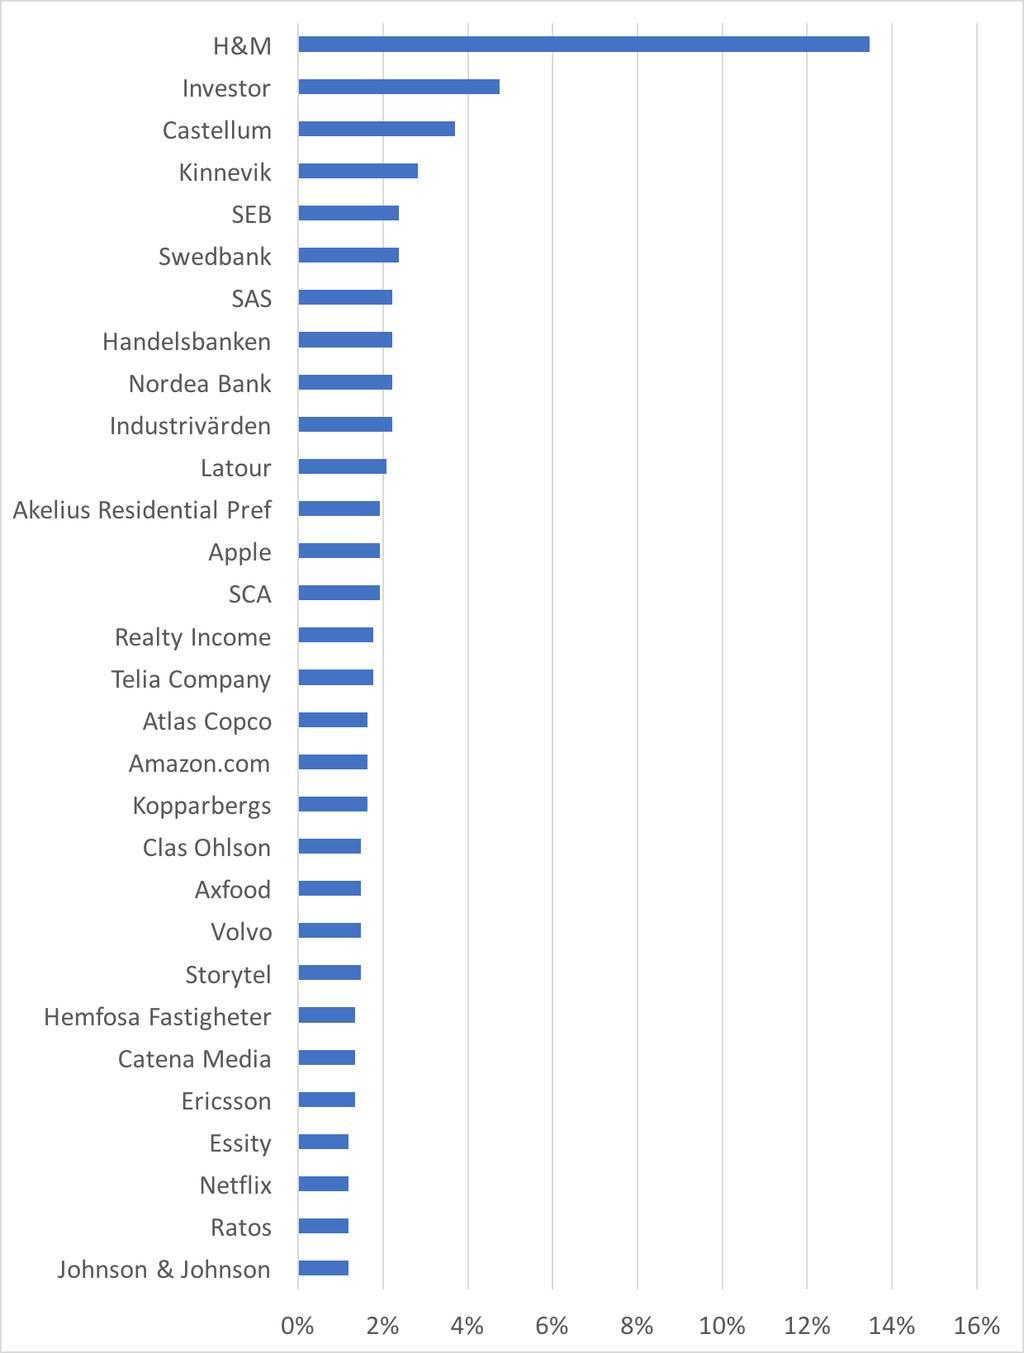 De 30 mest omskrivna bolagen i juni 2017 på svenska aktiebloggar